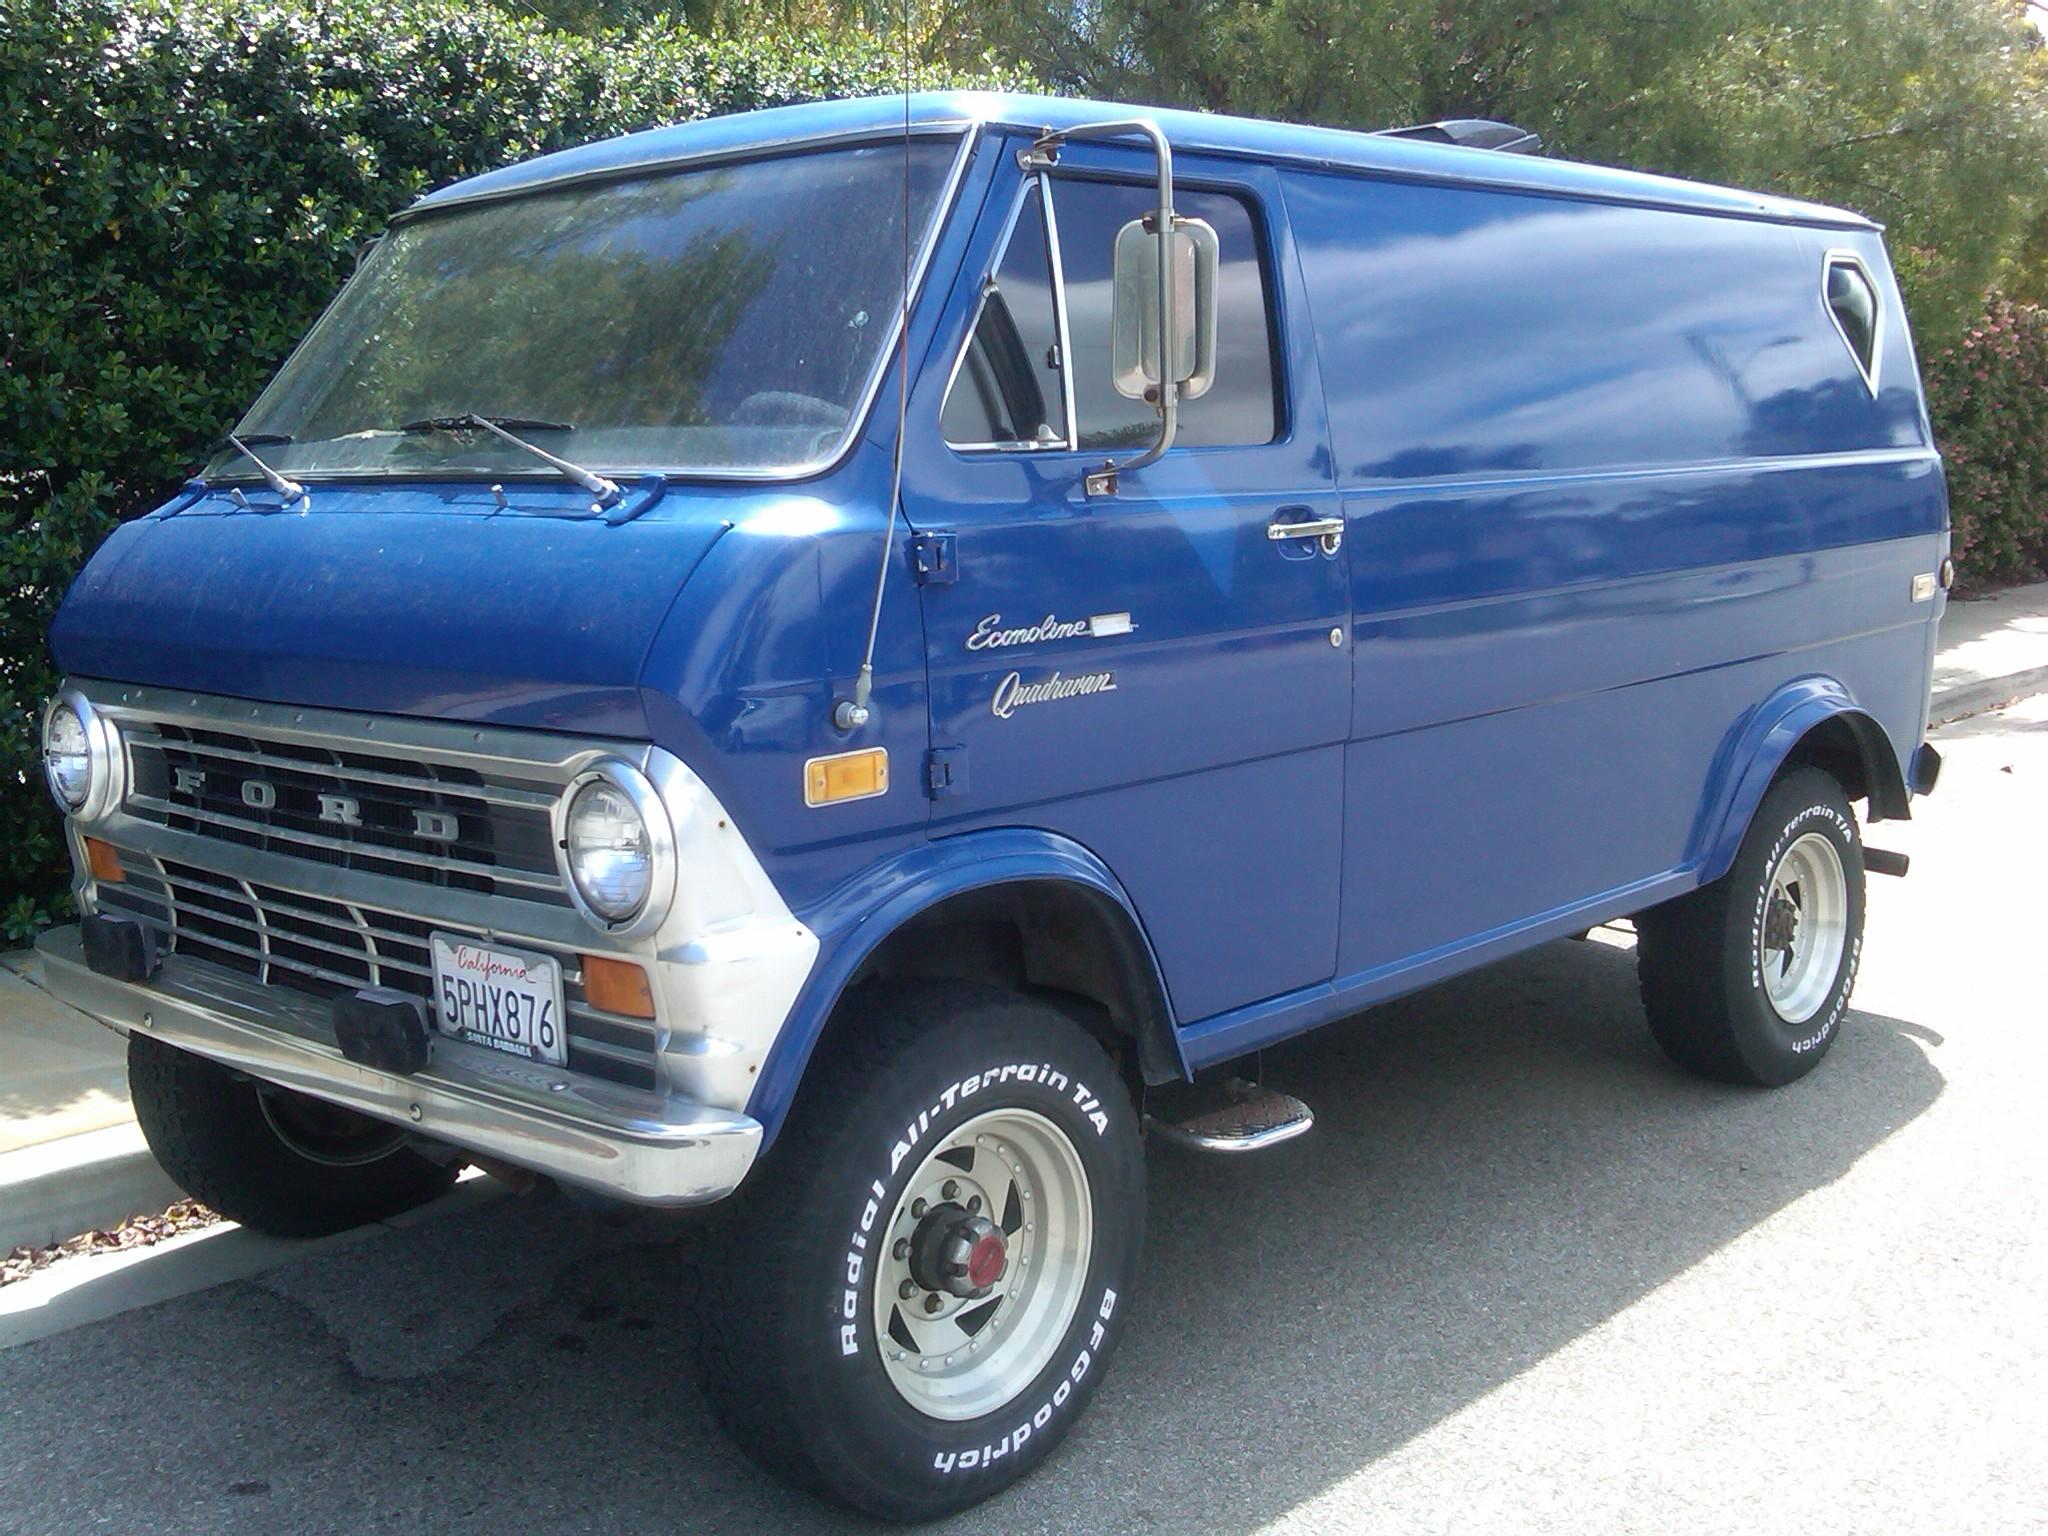 Econoline 4x4 Camper >> File:1974 Ford Econoline E-300 Quadravan.jpg - Wikimedia Commons